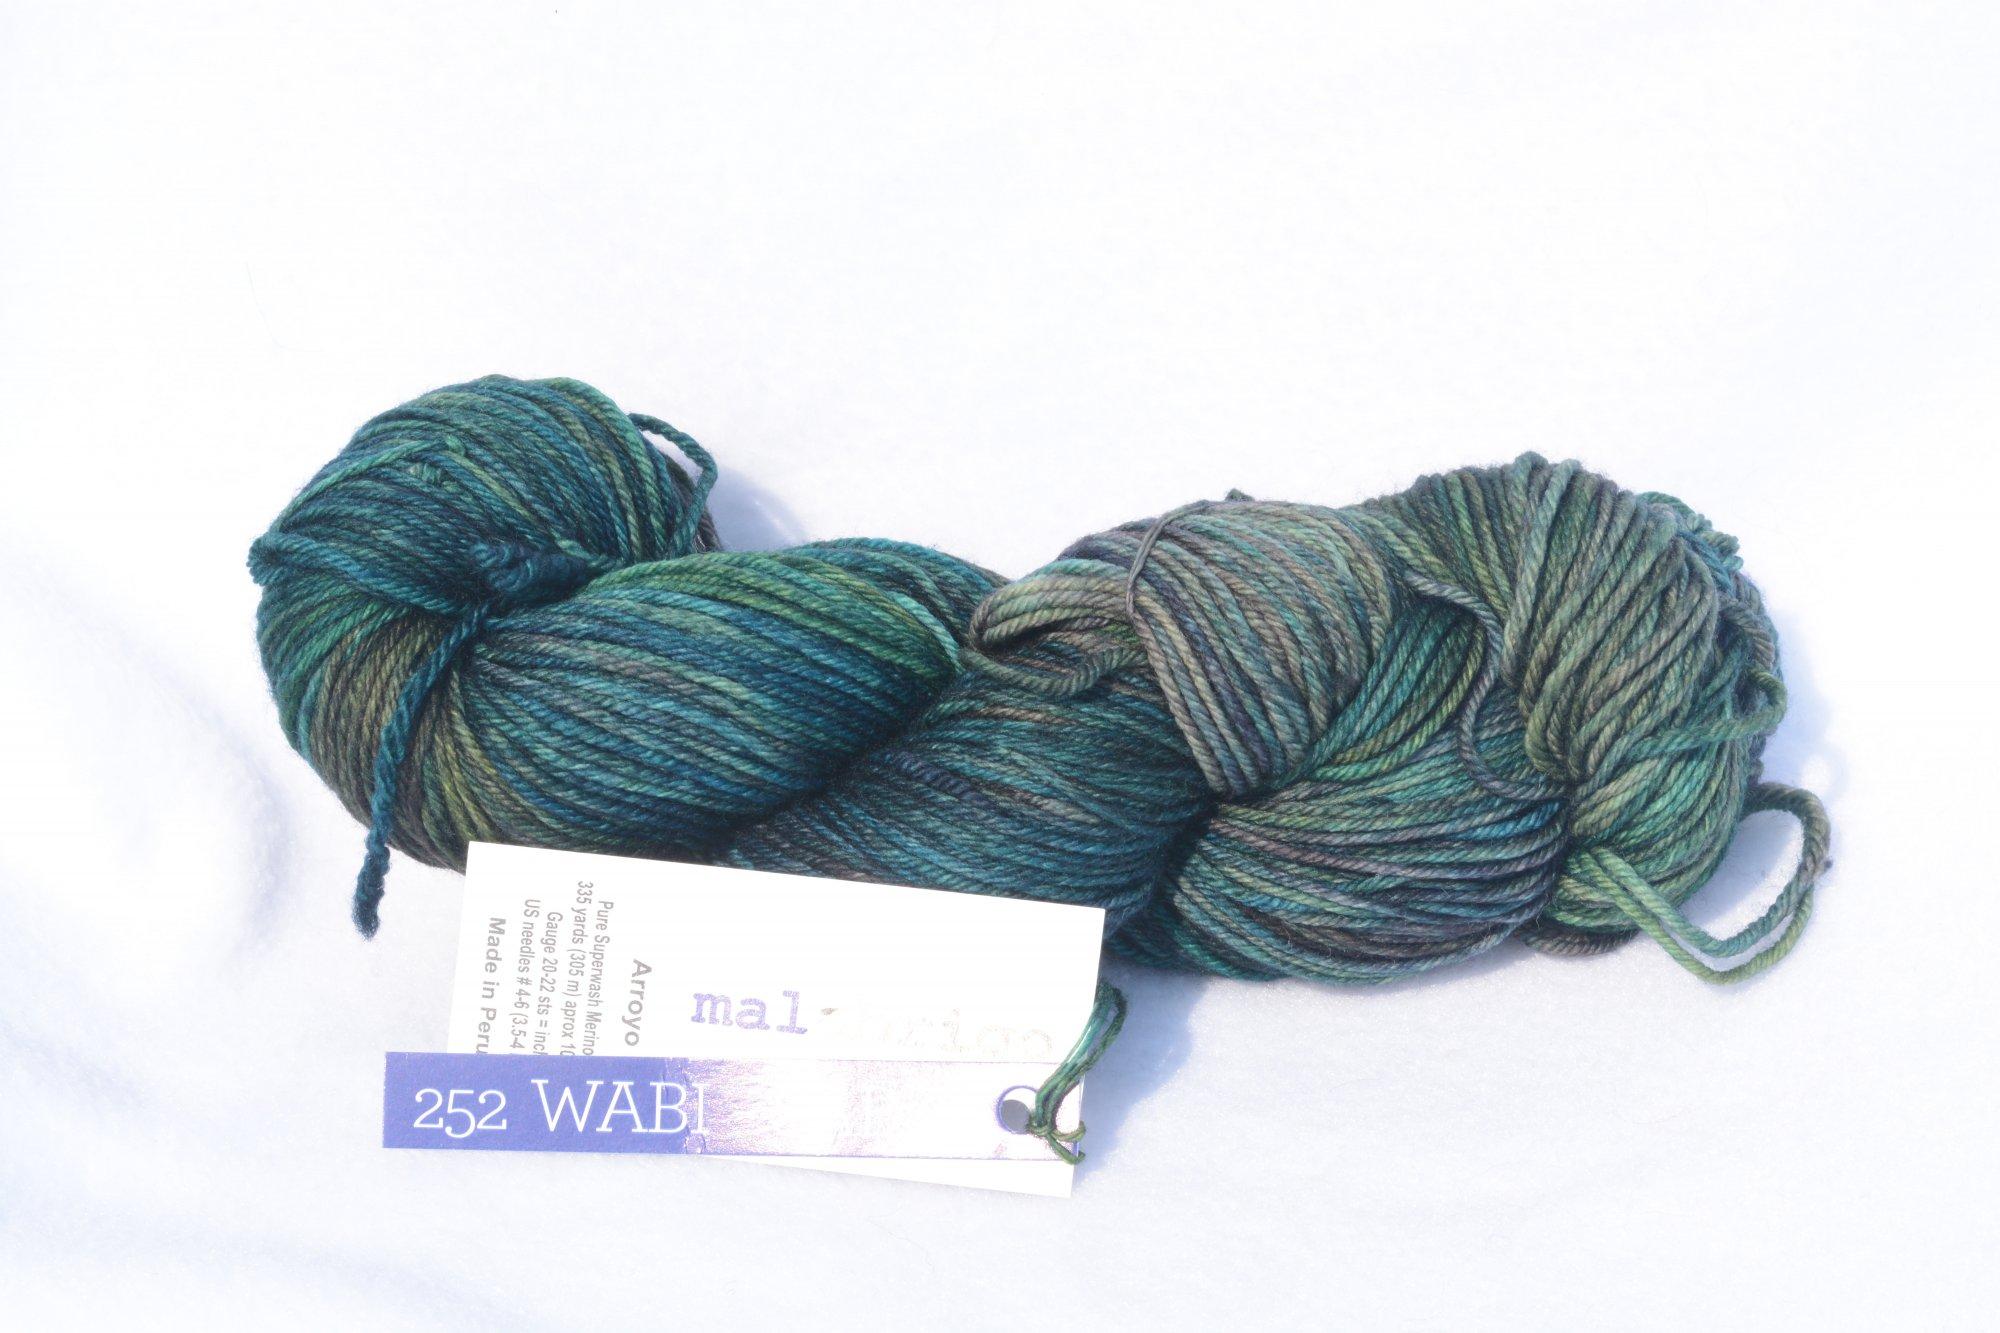 Malabrigo Arroyo - Wabi-Sabi - 252